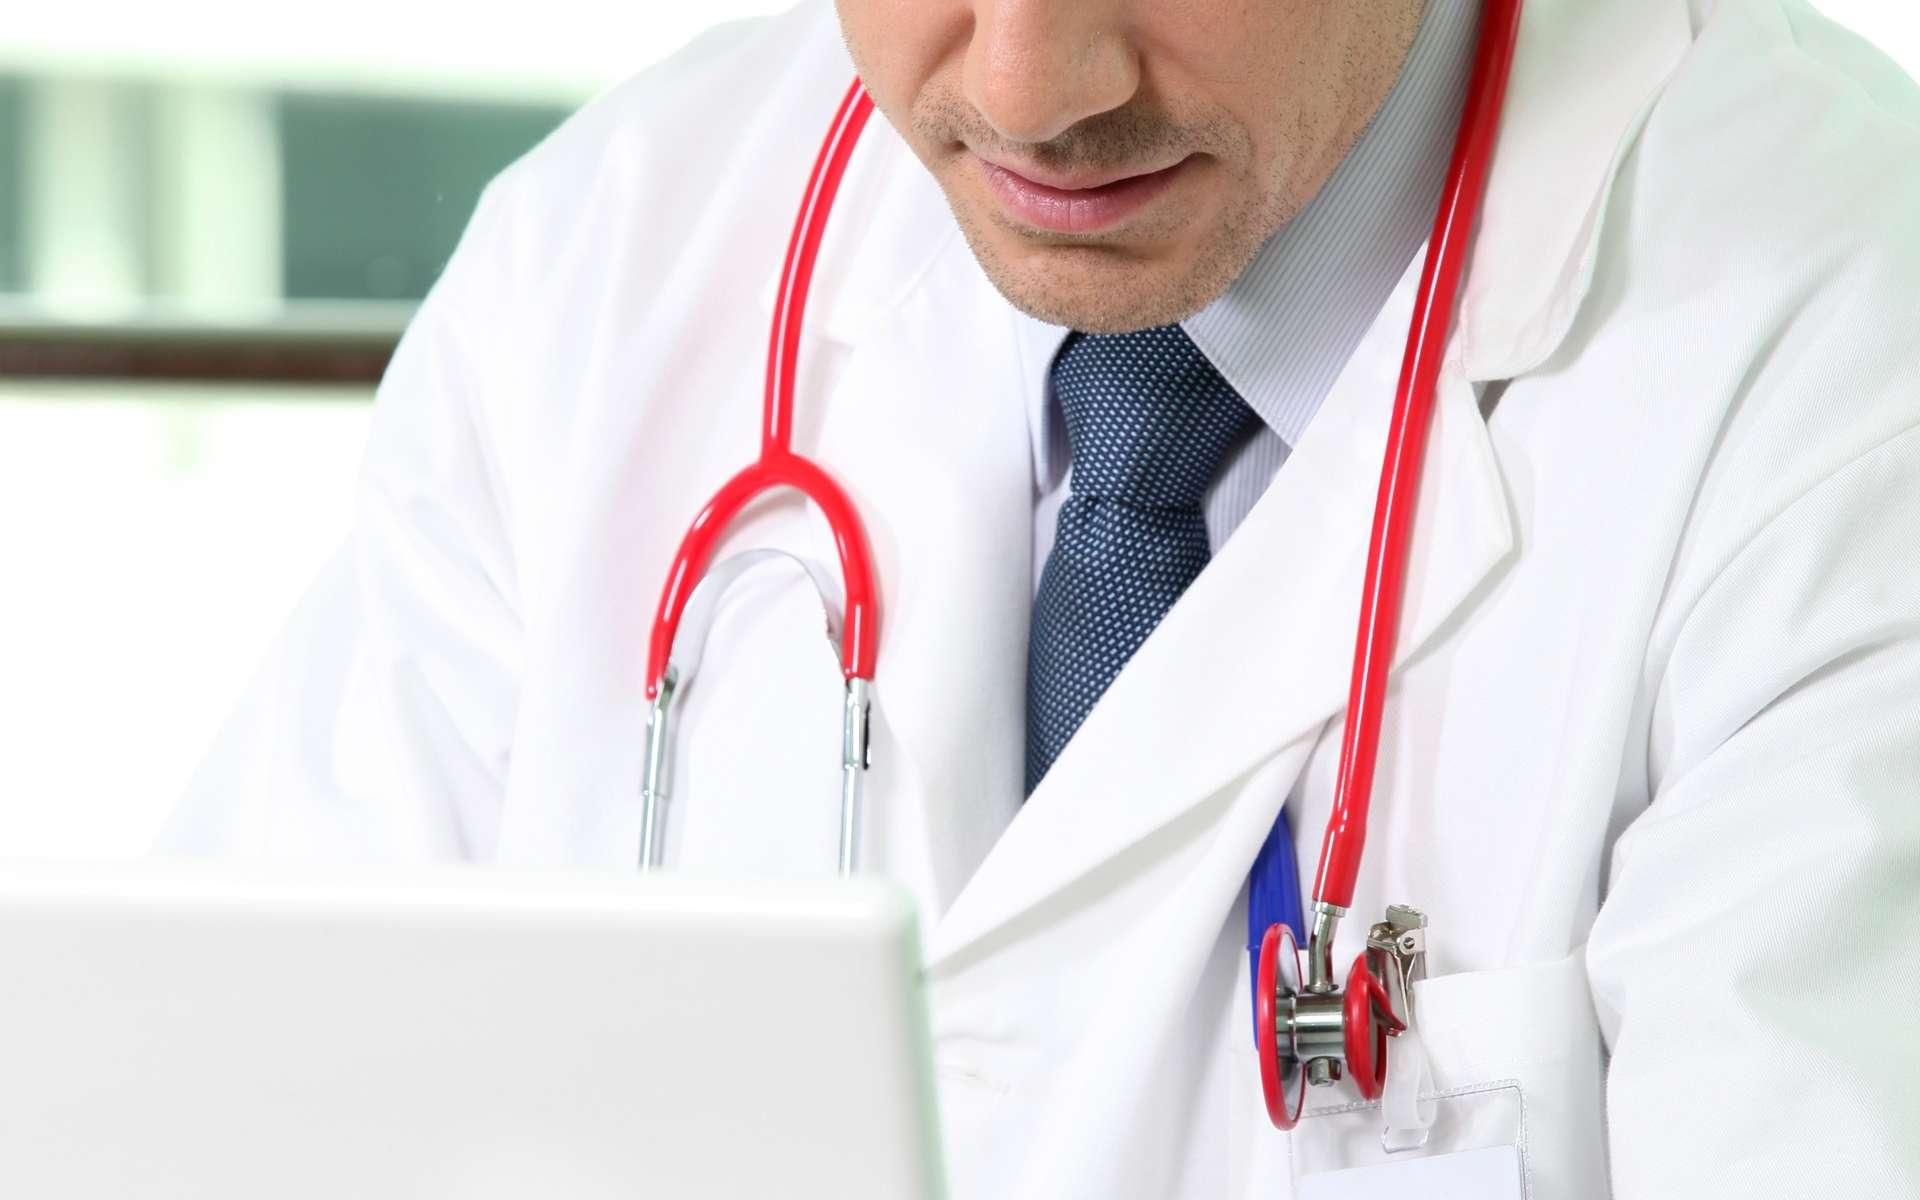 Les médecins français prescrivent peu en DCI. Ces dénominations sont pourtant des noms univoques. © Phovoir